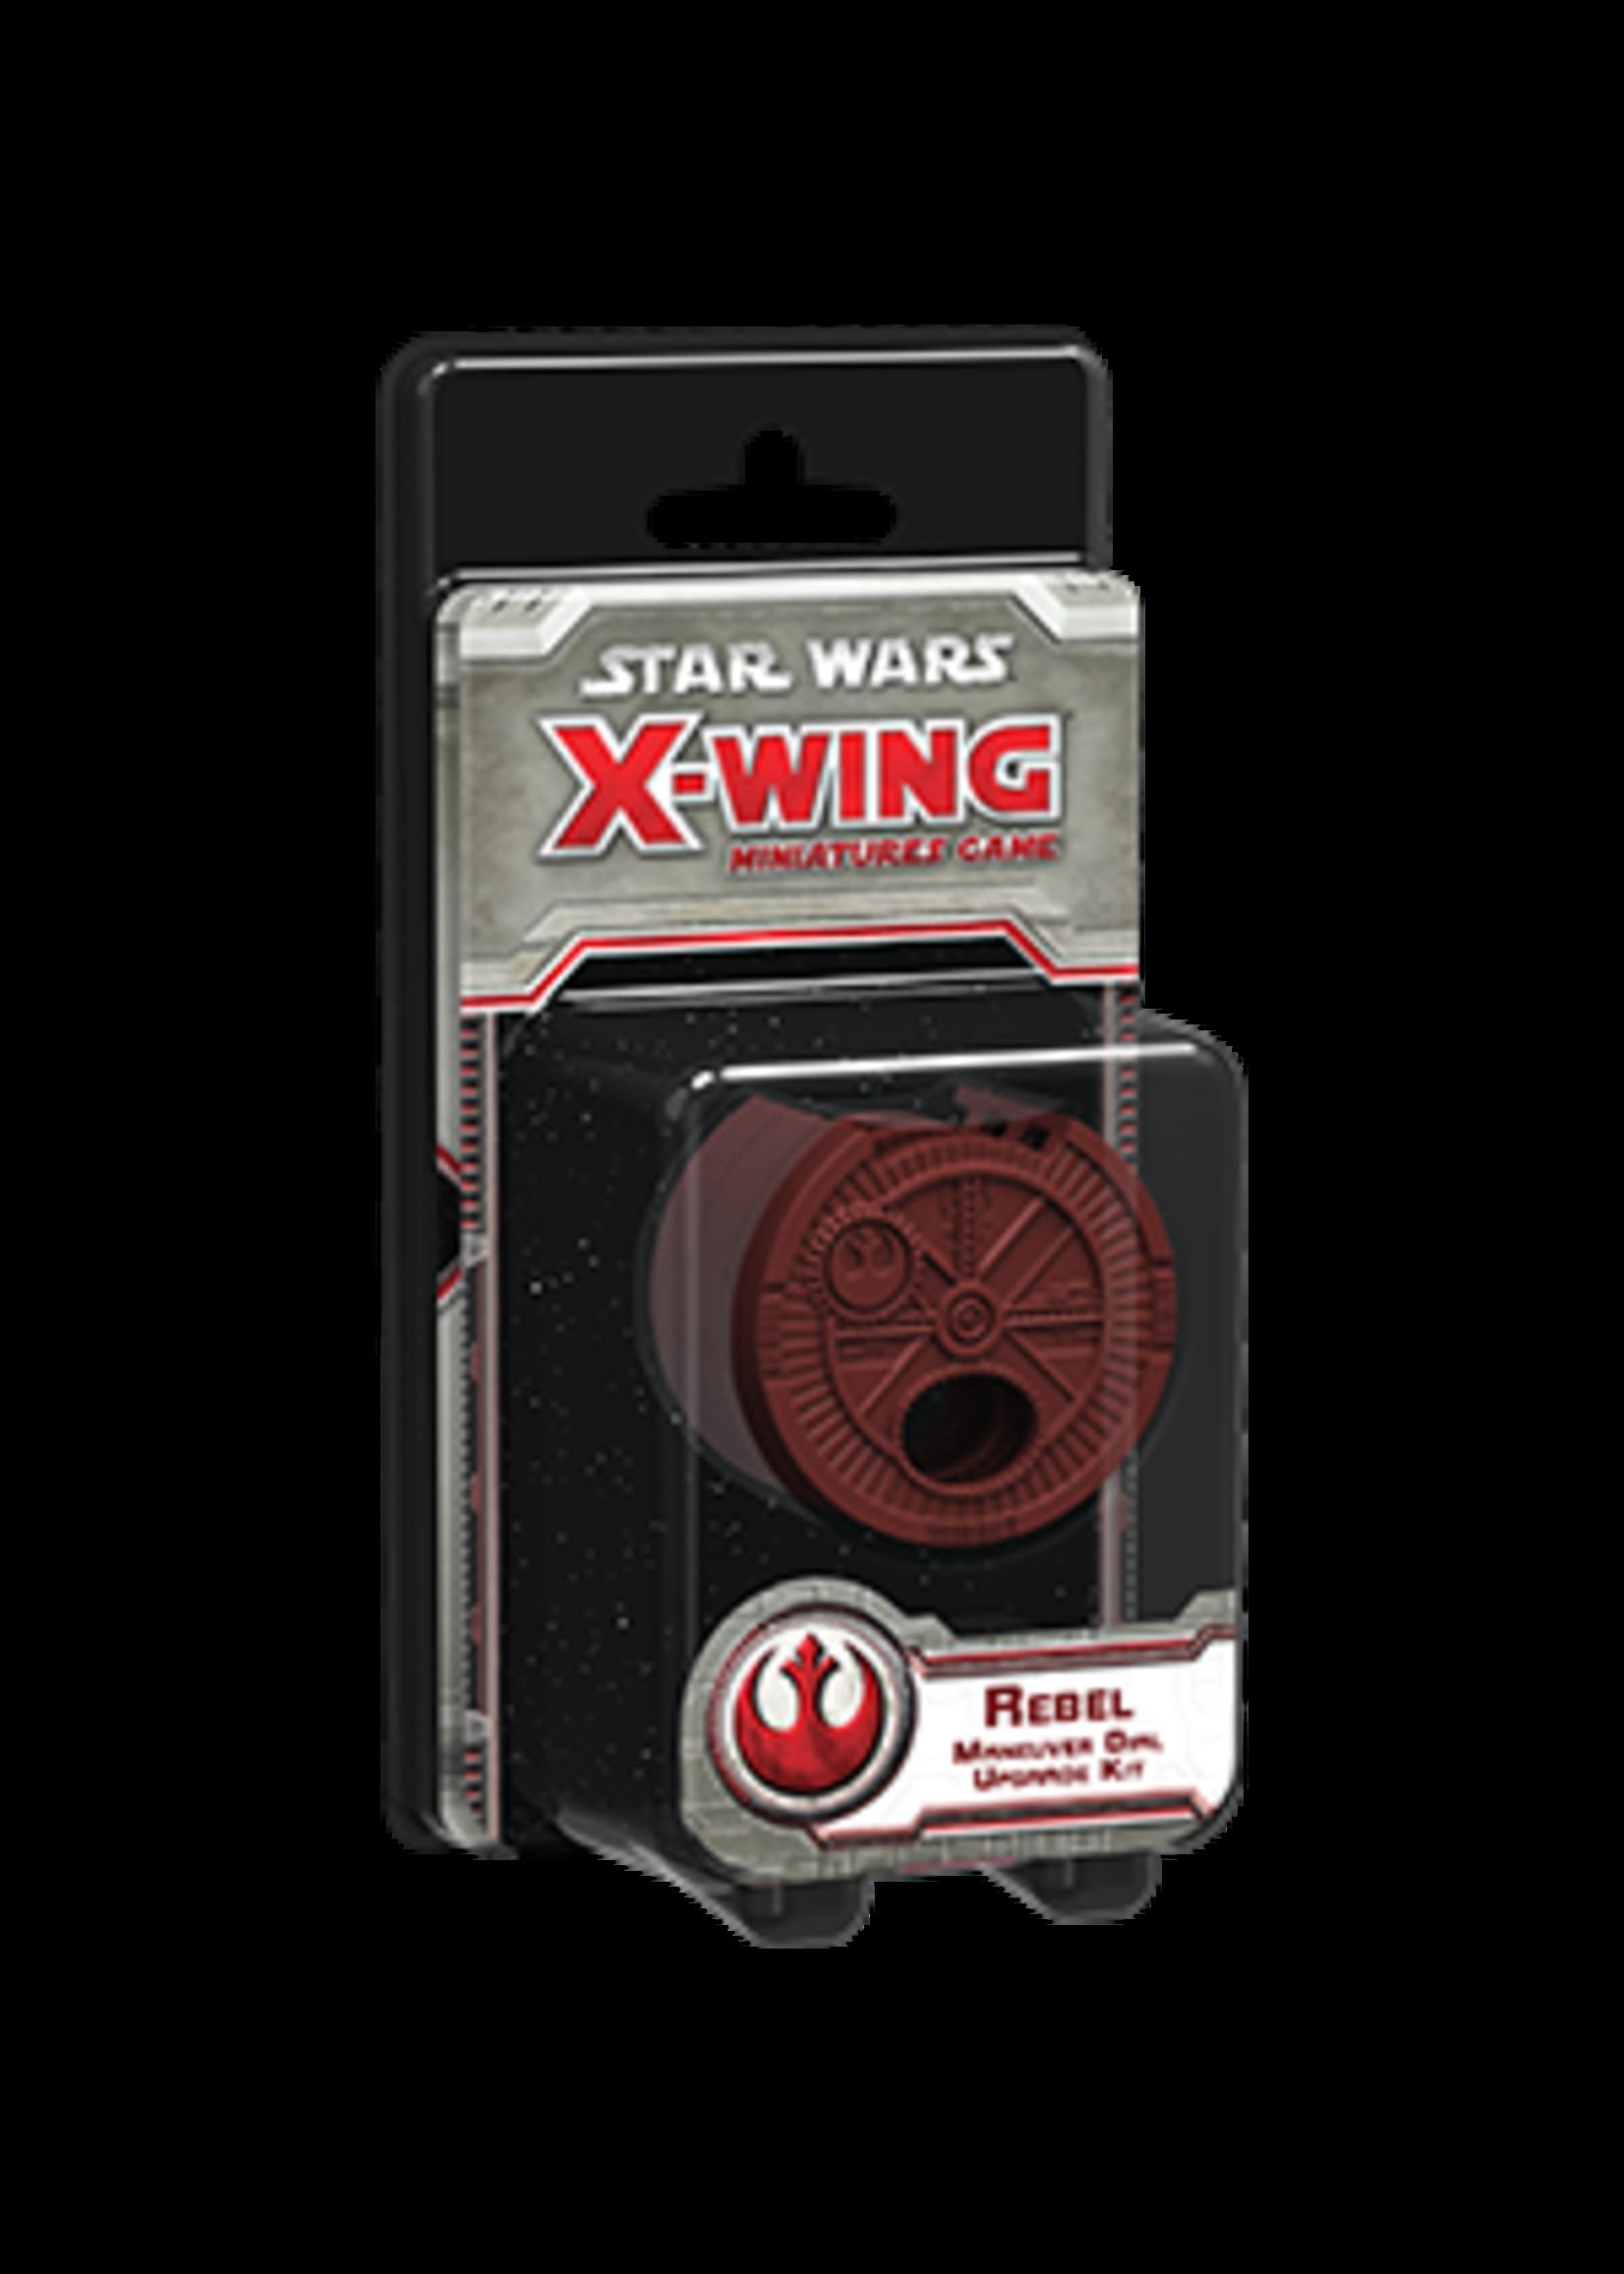 Star Wars X-Wing Miniatures Game: Rebel Maneuver Dial Upgrade Kit